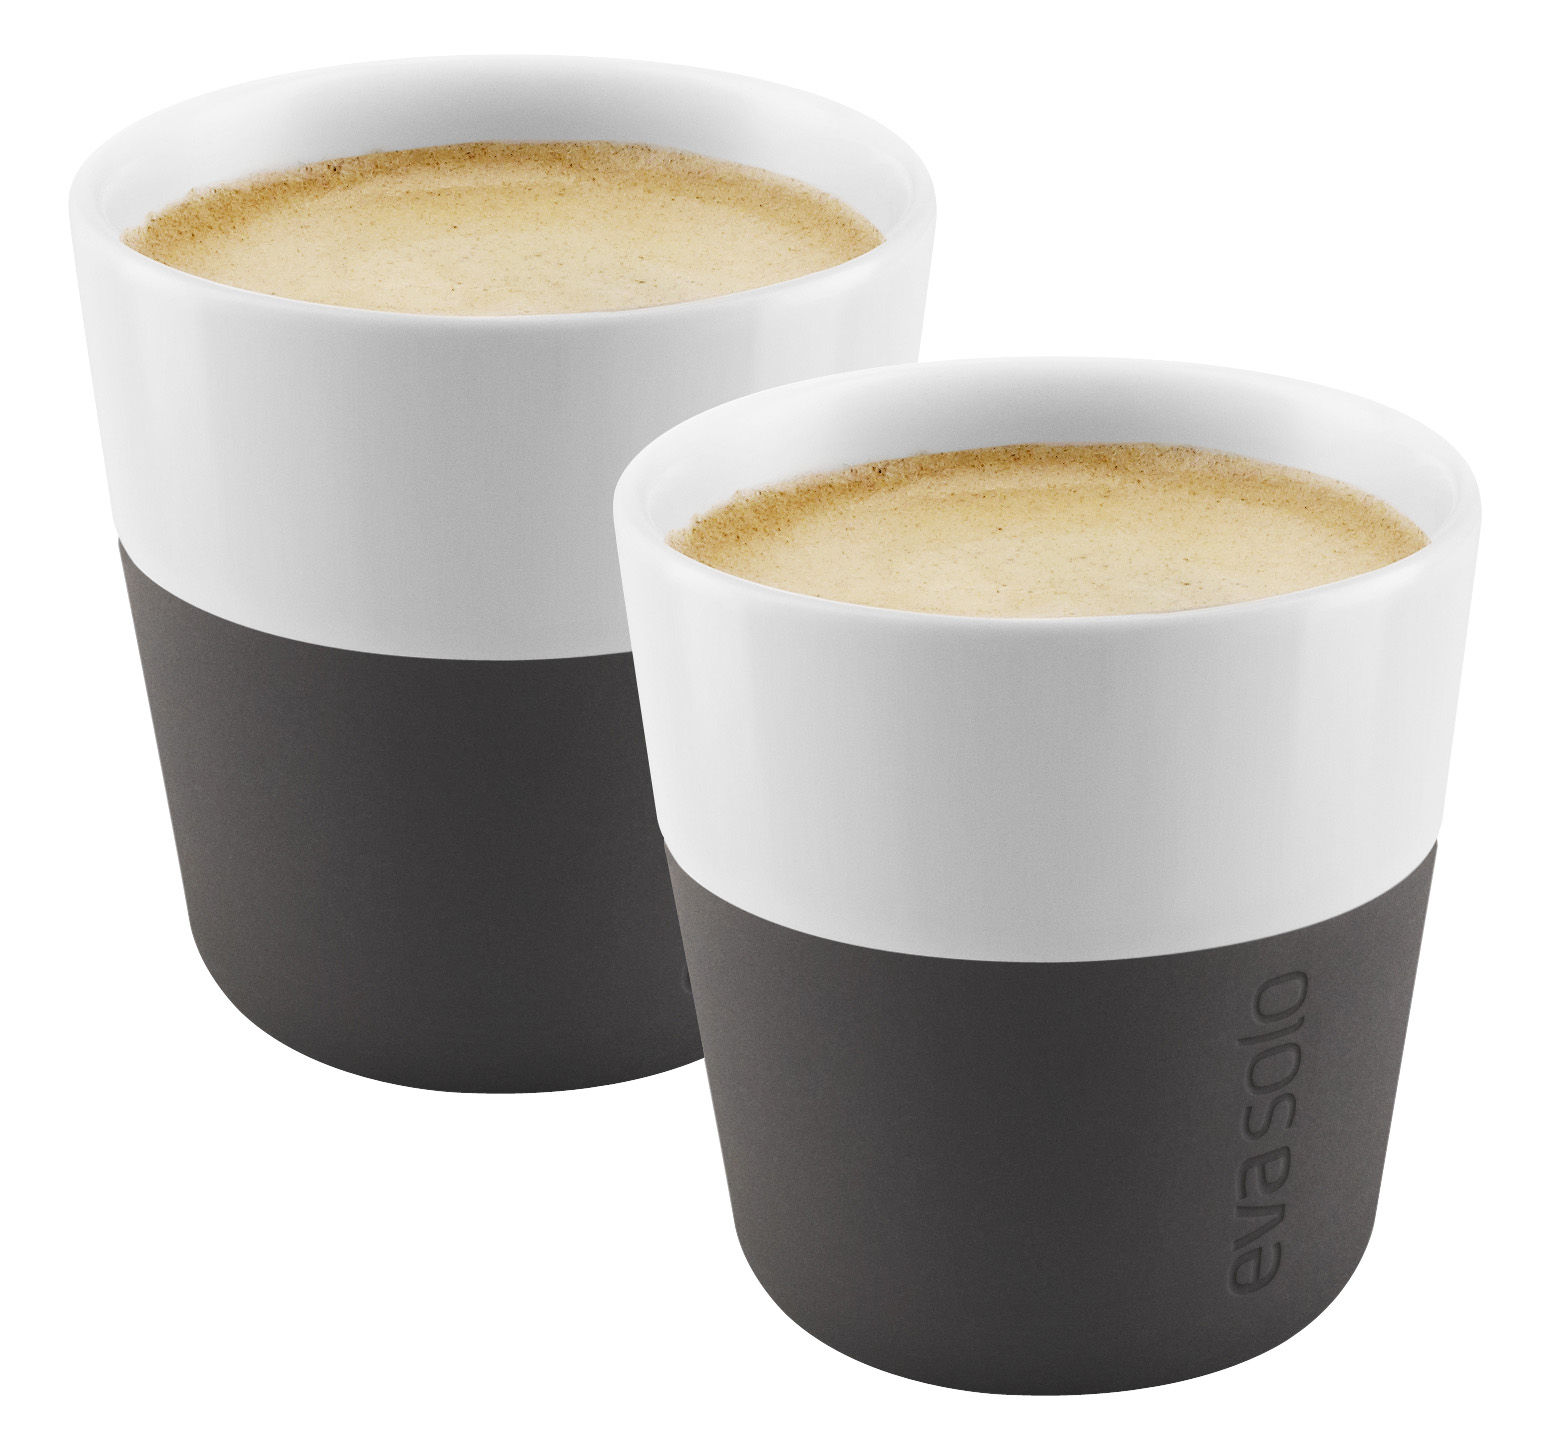 Arts de la table - Tasses et mugs - Tasse à espresso / Set de 2 - 80 ml - Eva Solo - Noir carbone - Porcelaine, Silicone